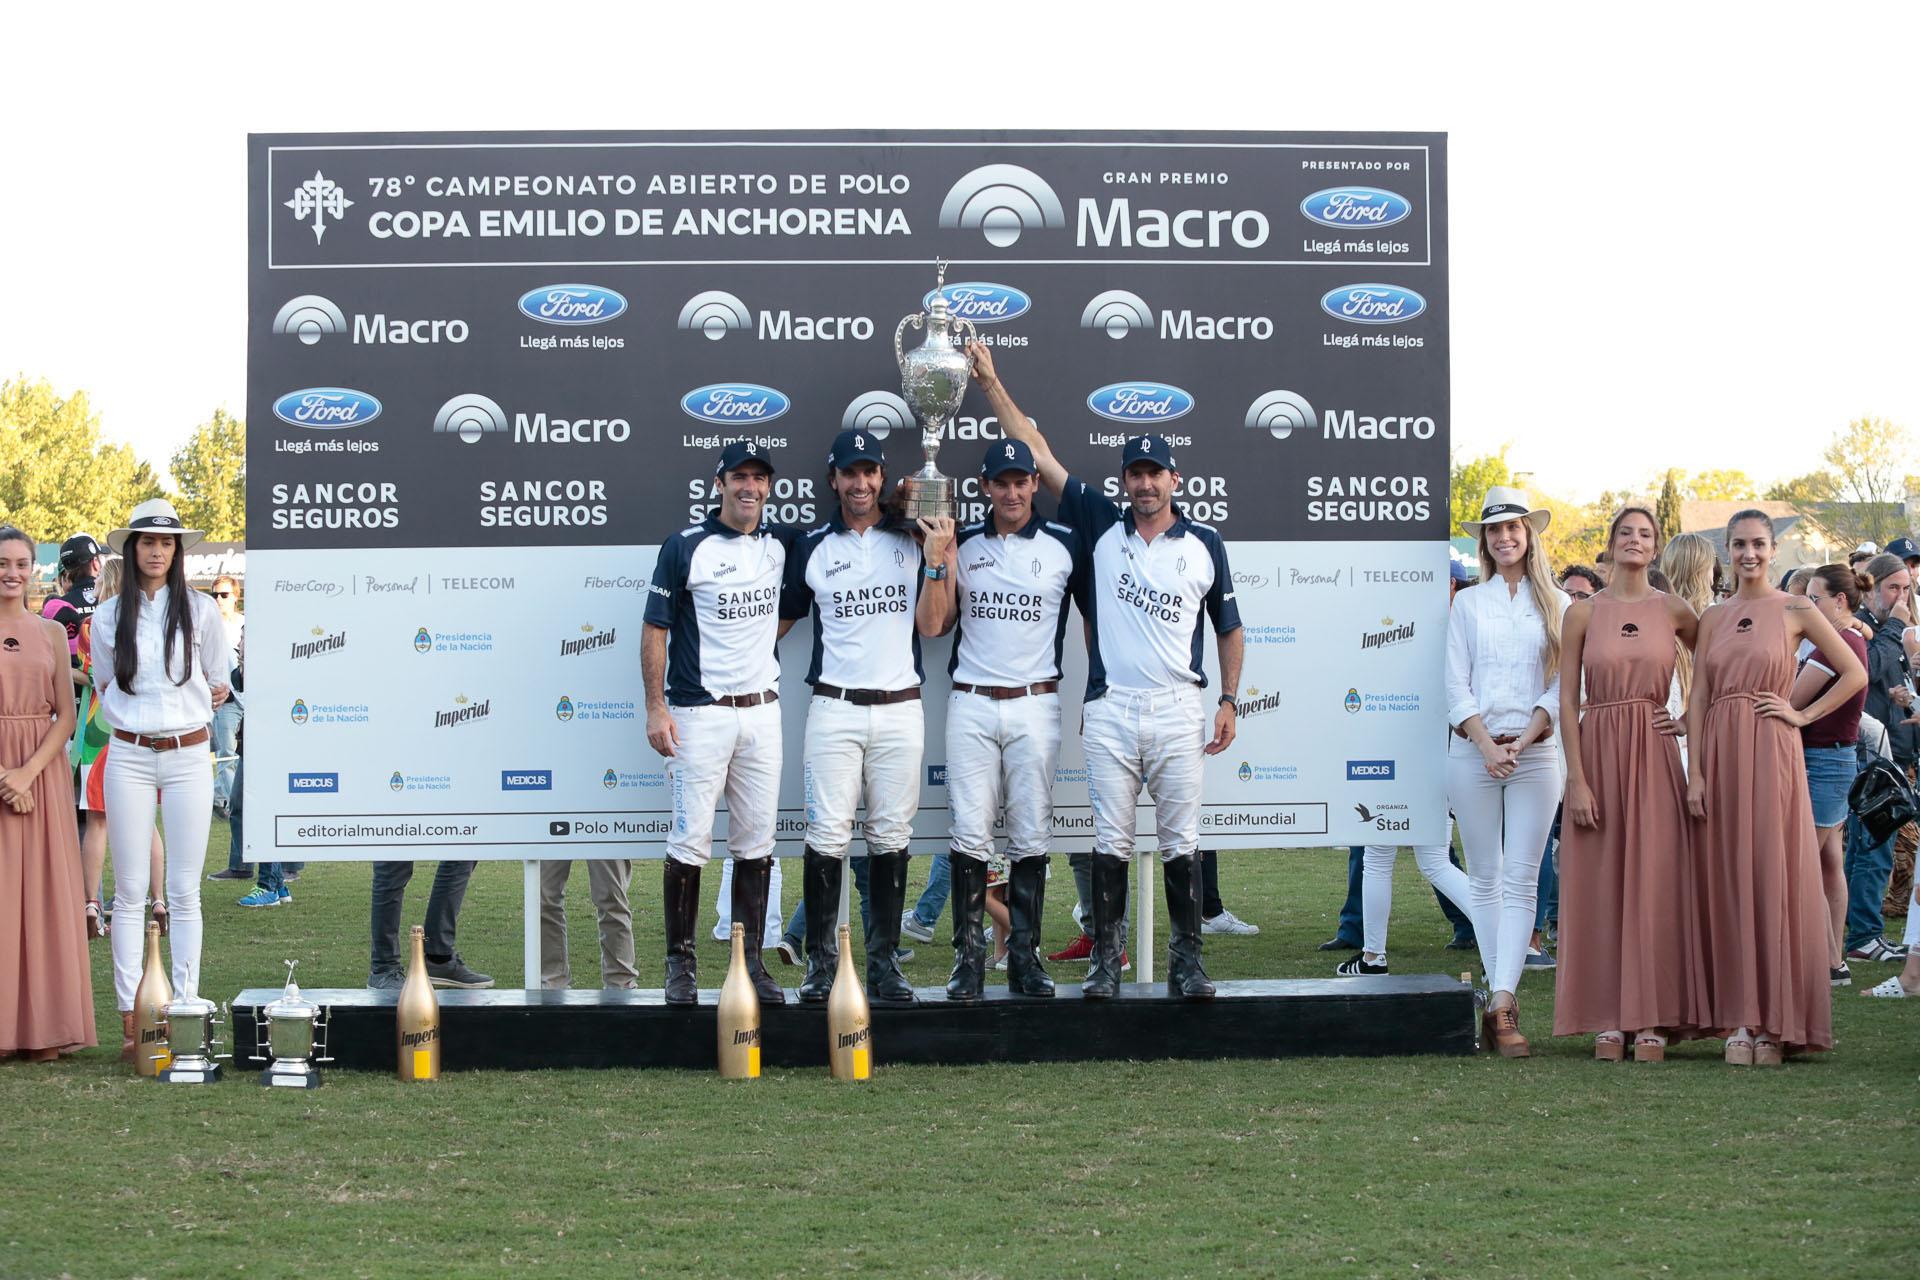 El festejo del equipo de La Dolfina, tras consagrarse nuevamente campeón del Abierto de Polo del Tortugas Country Club – Gran Premio Macro